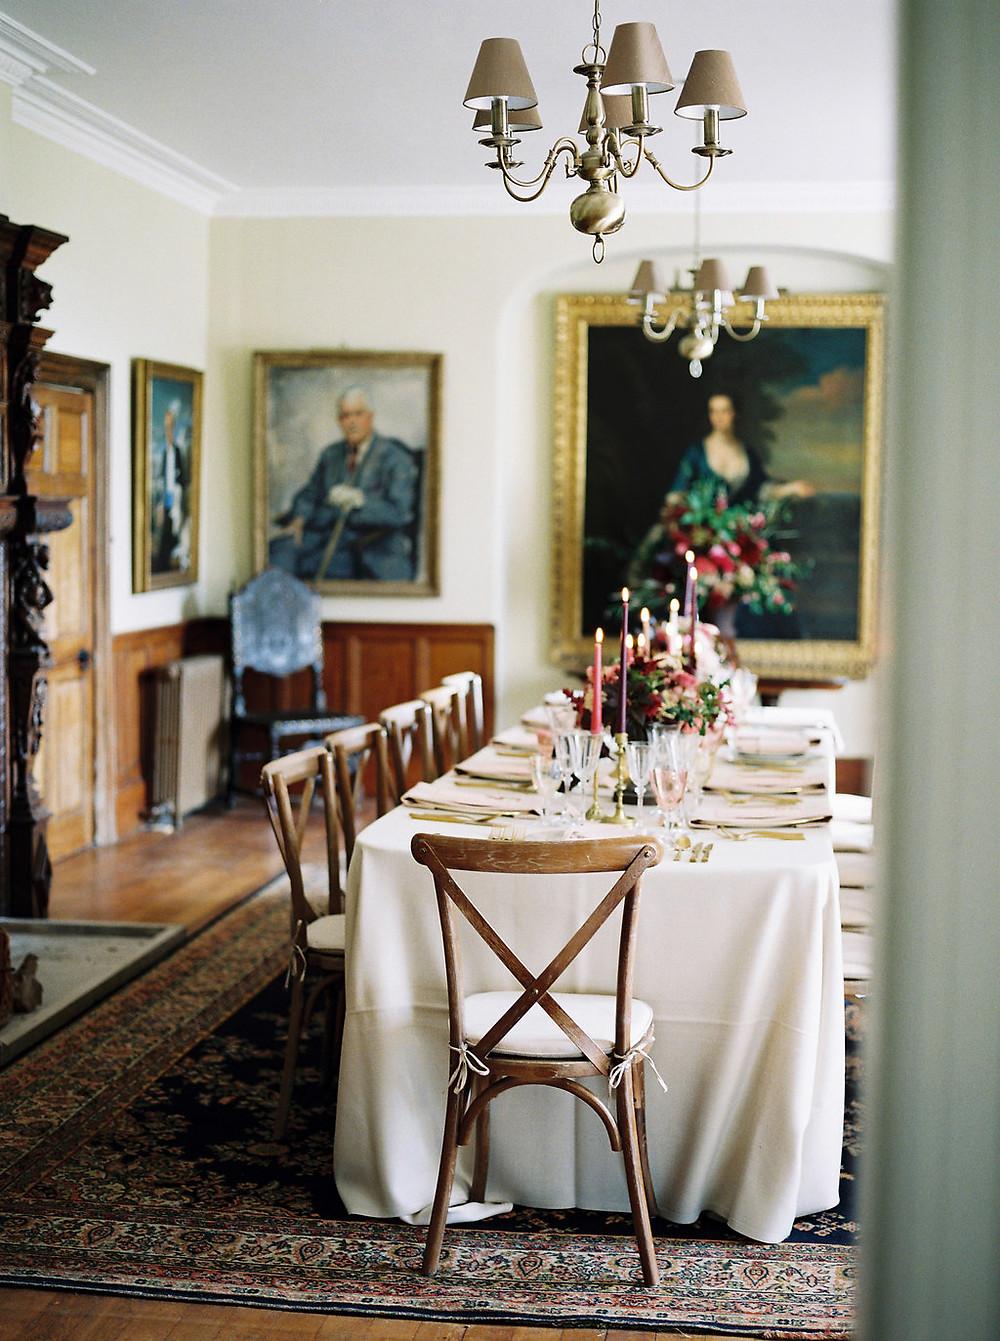 Warmwell House Wedding Venue